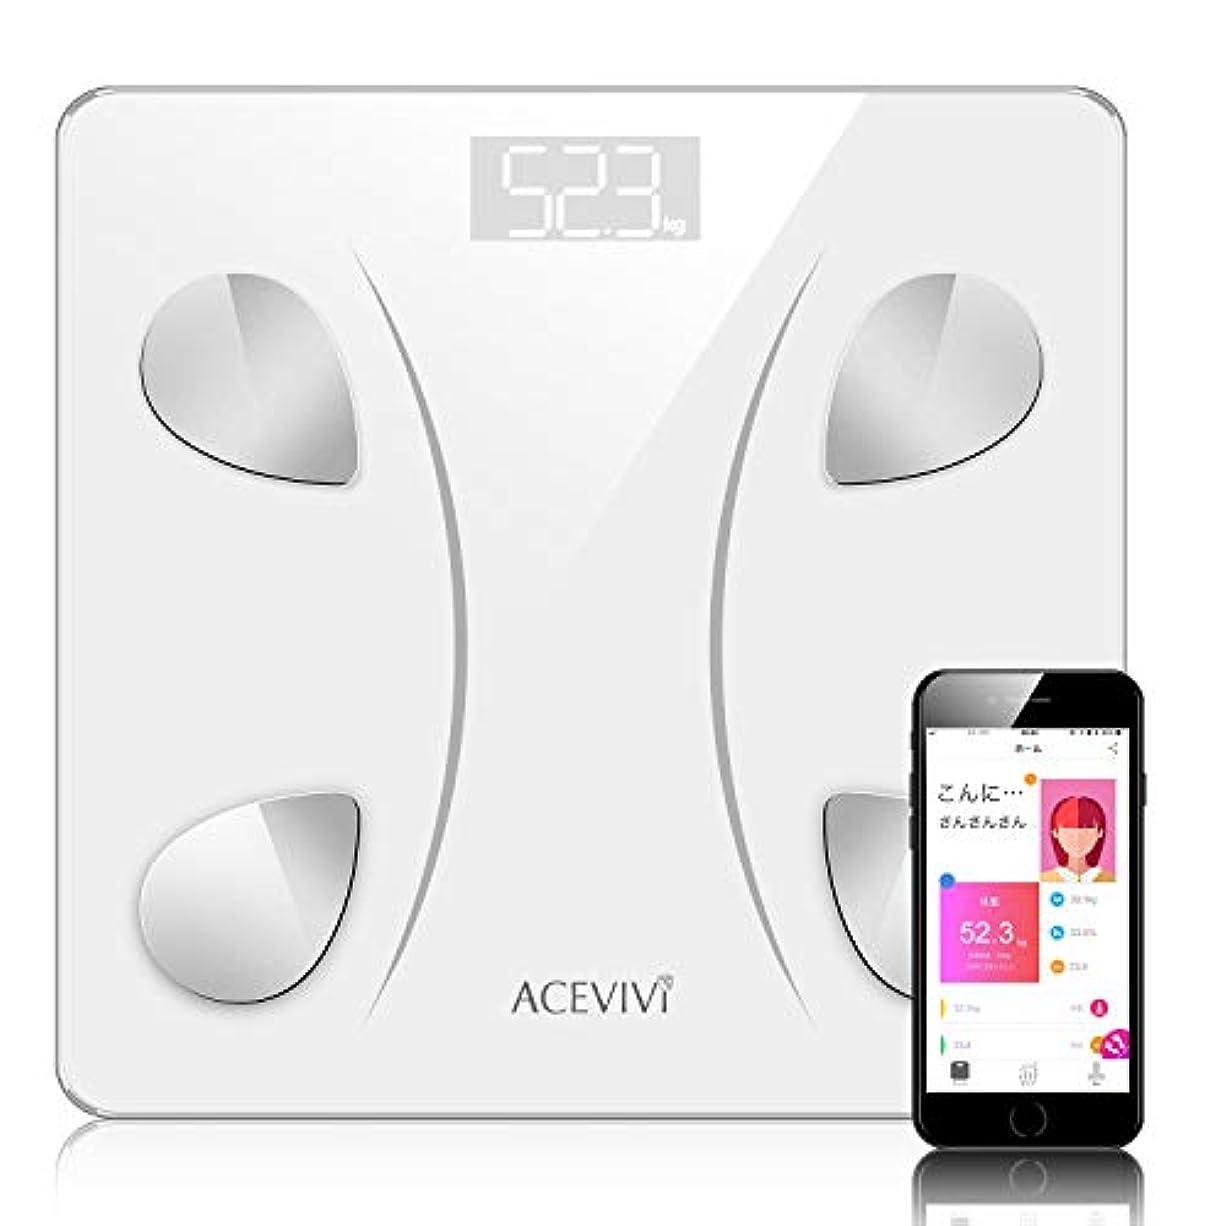 ごちそう首尾一貫した彼の体重計 体組成計 体脂肪計 bluetooth対応 ACEVIVI 14項測定 体重/体脂肪率/皮下脂肪/内臓脂肪/筋肉量/骨量/体水分率/基礎代謝量/BMI/除脂肪体重/標準体重/肥満レベル/ボディタイプ/タンパク質率/など14項測定可能 iOS/Android日本語アプリ健康管理 スマートスケール スマホに同期 電池3本付き (ホワイト)